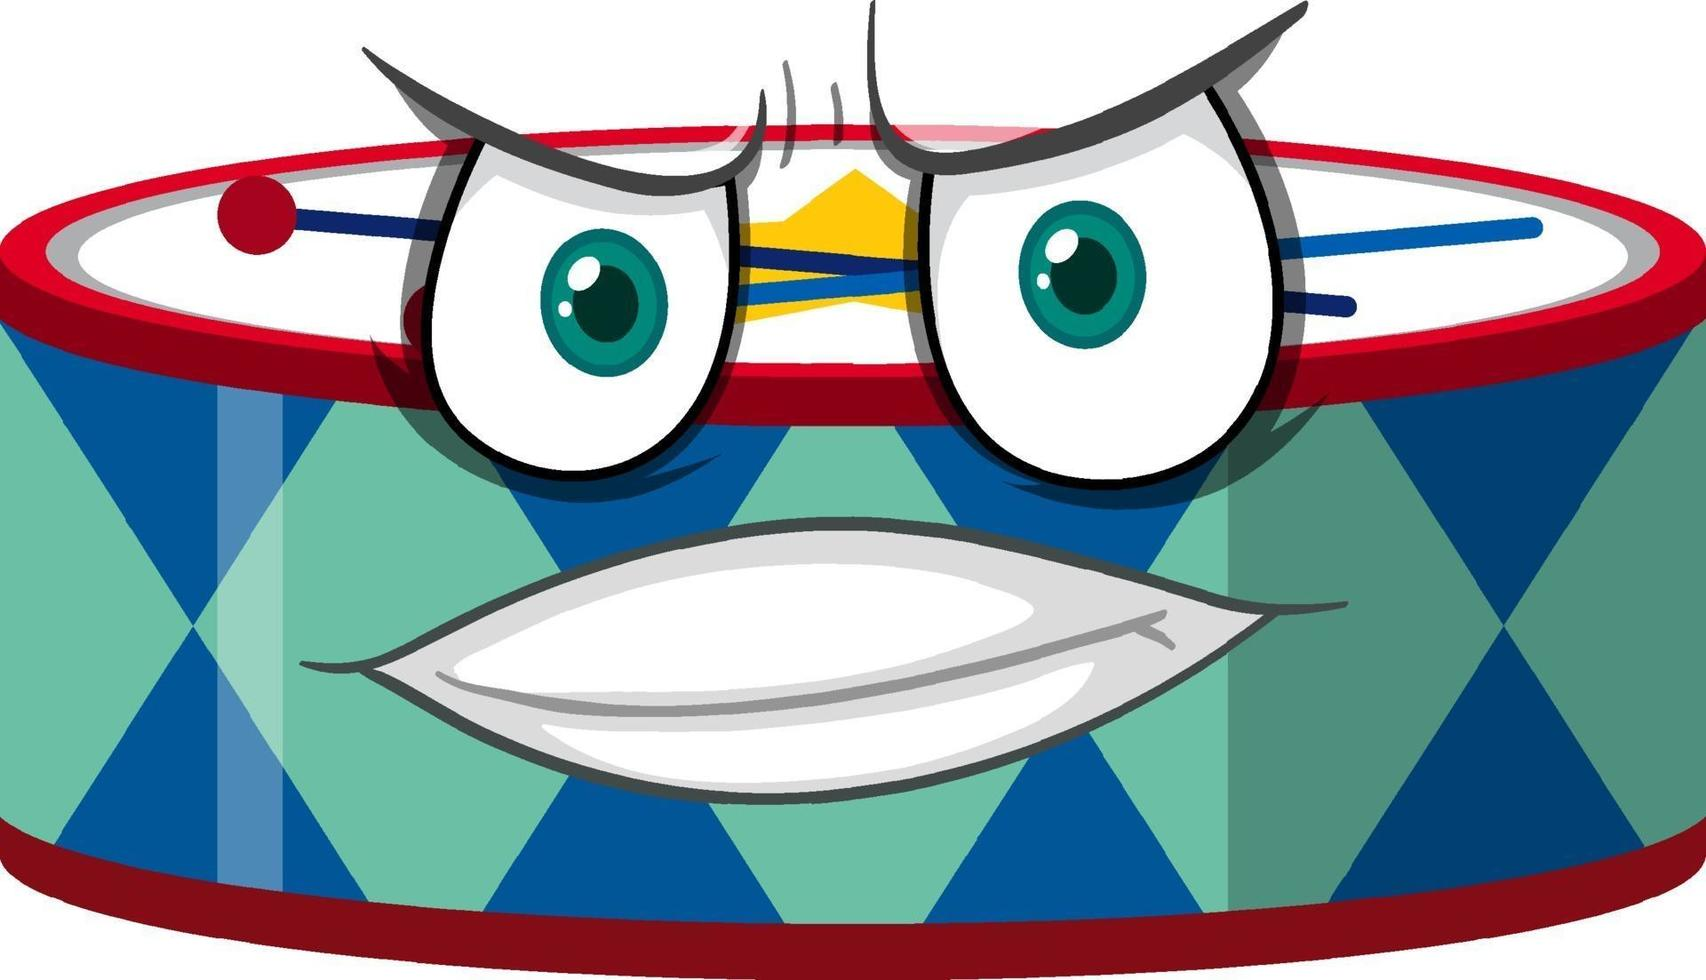 Trommel-Zeichentrickfigur mit Gesichtsausdruck vektor